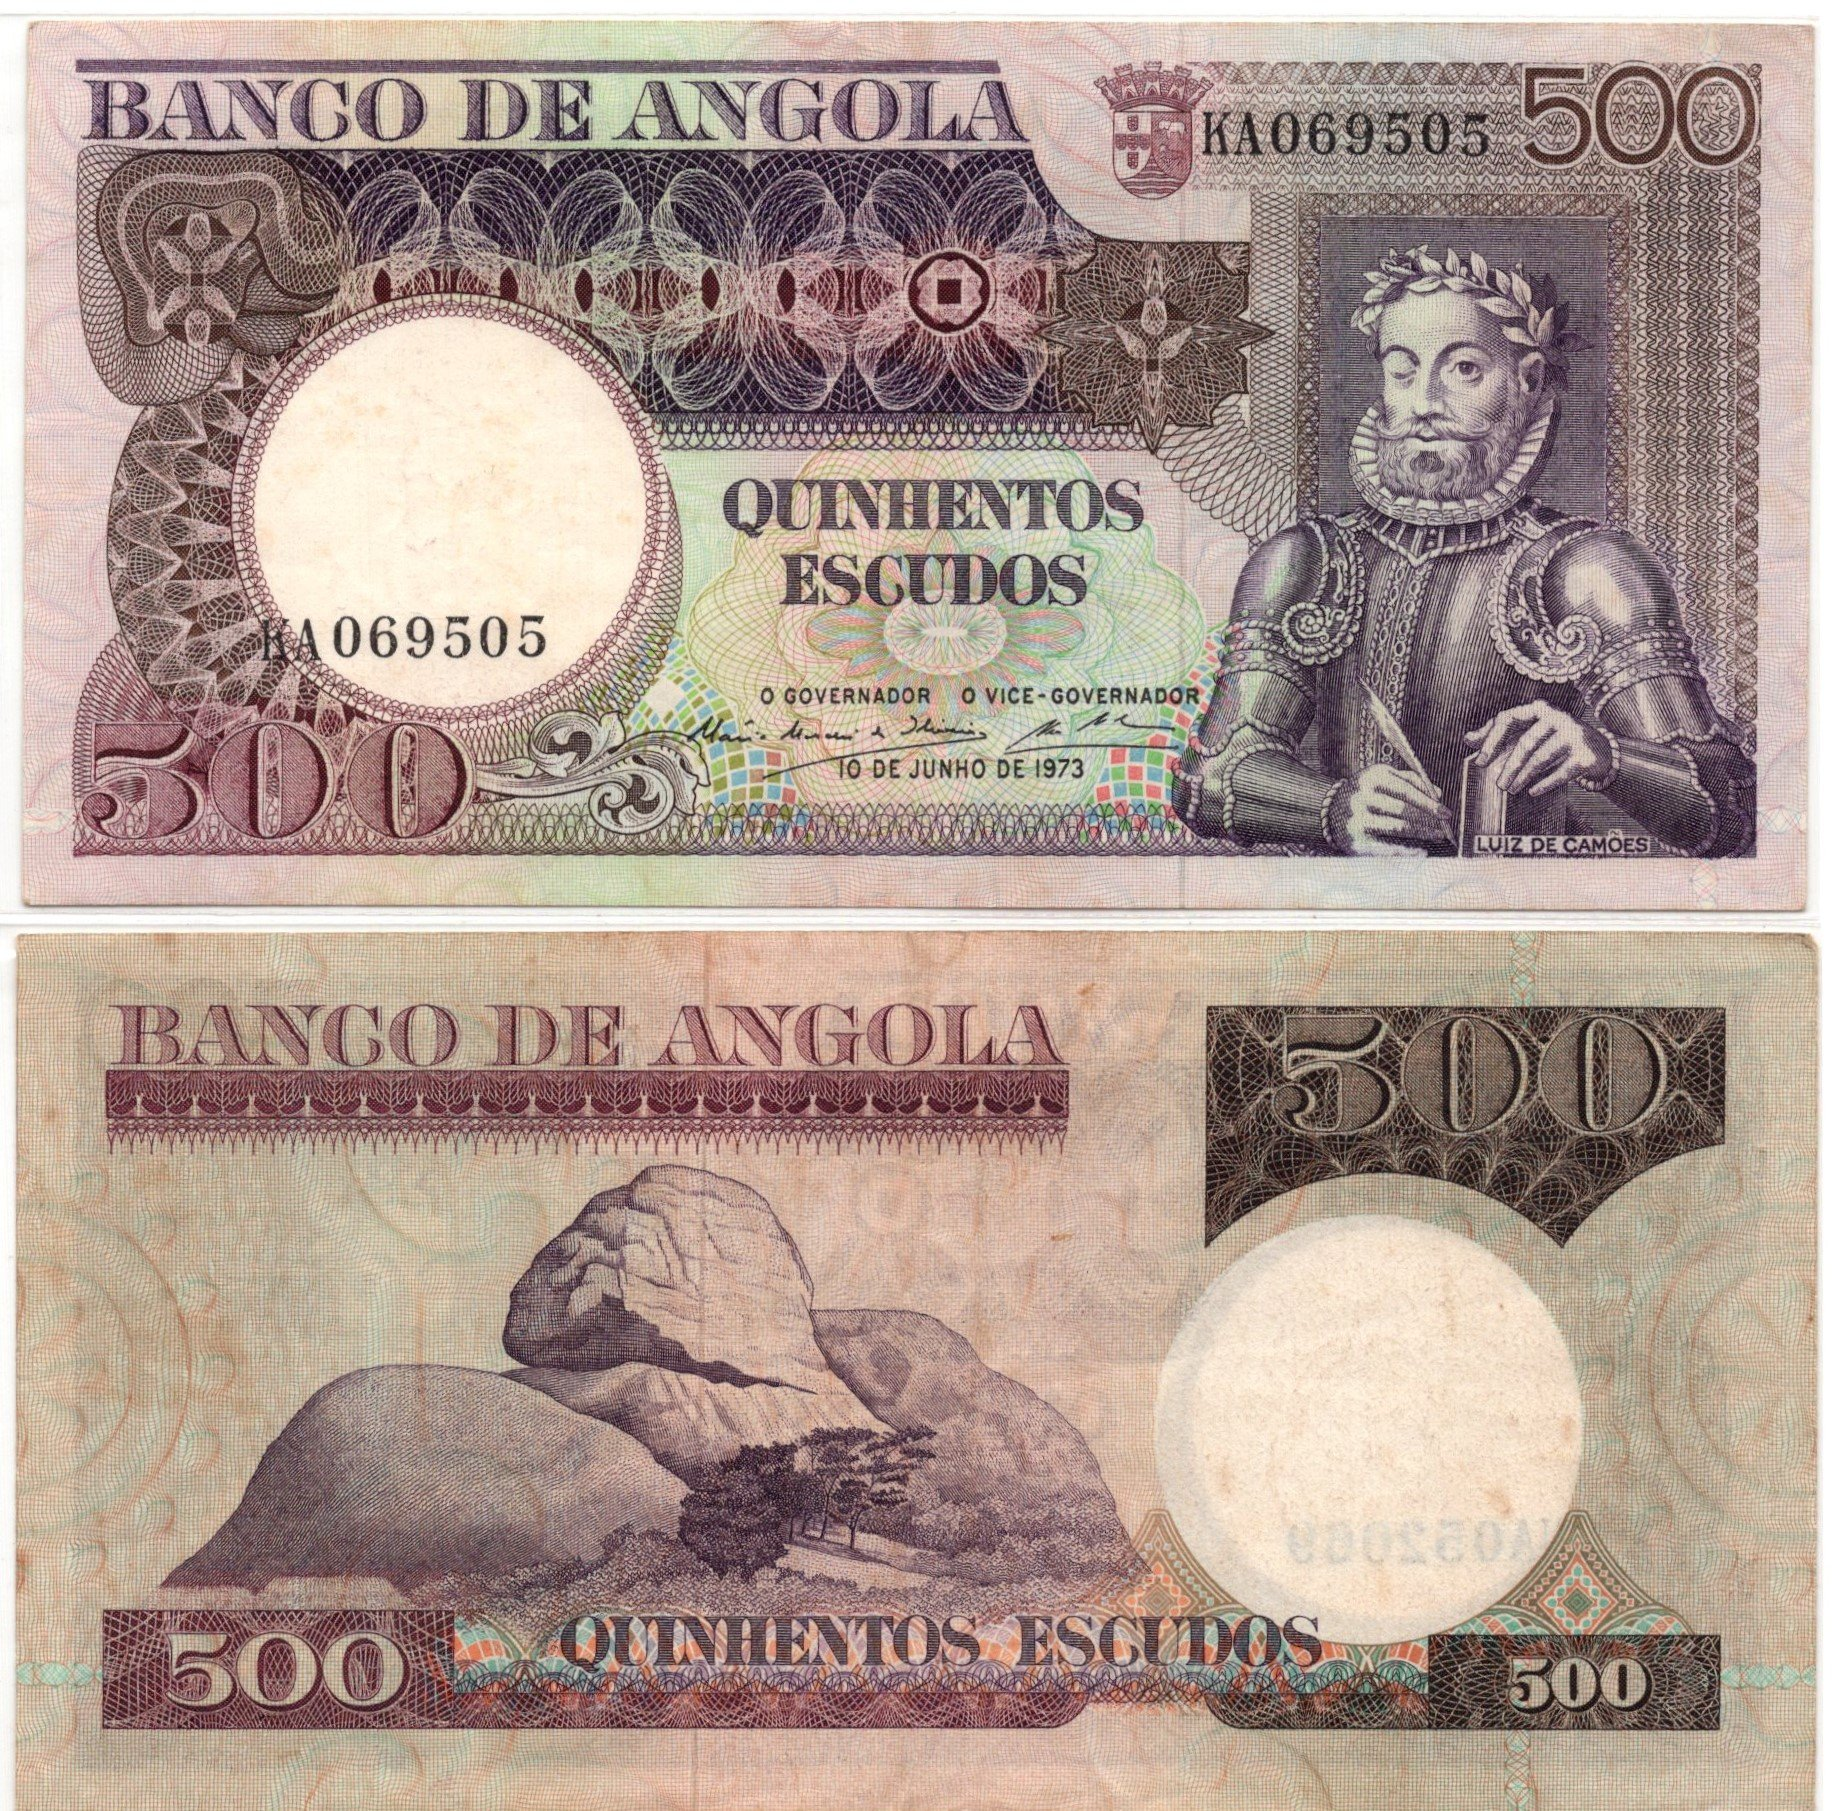 angola 500 escudos 1973